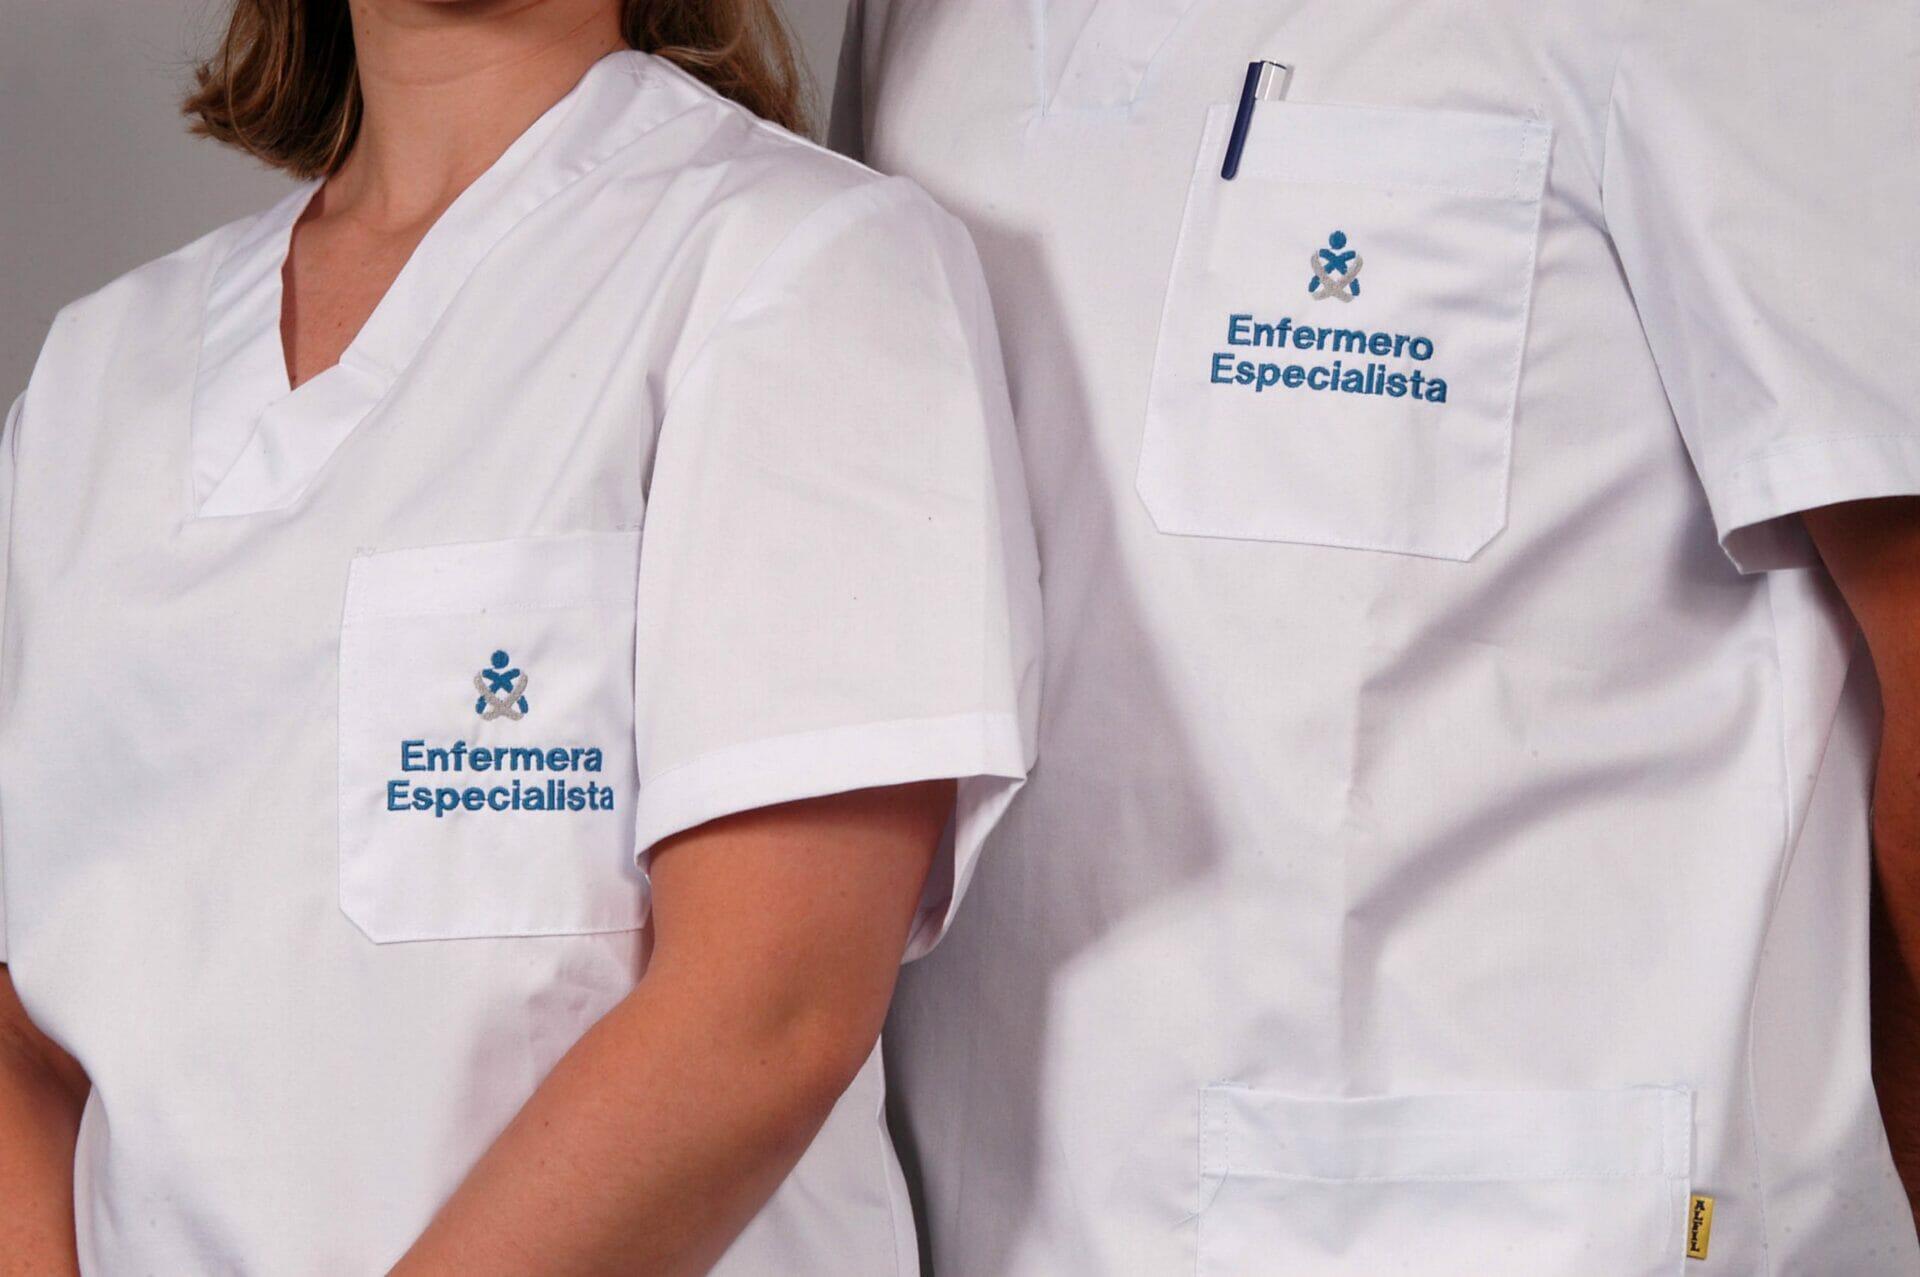 وظائف في قطاع الصحة إسبانيا